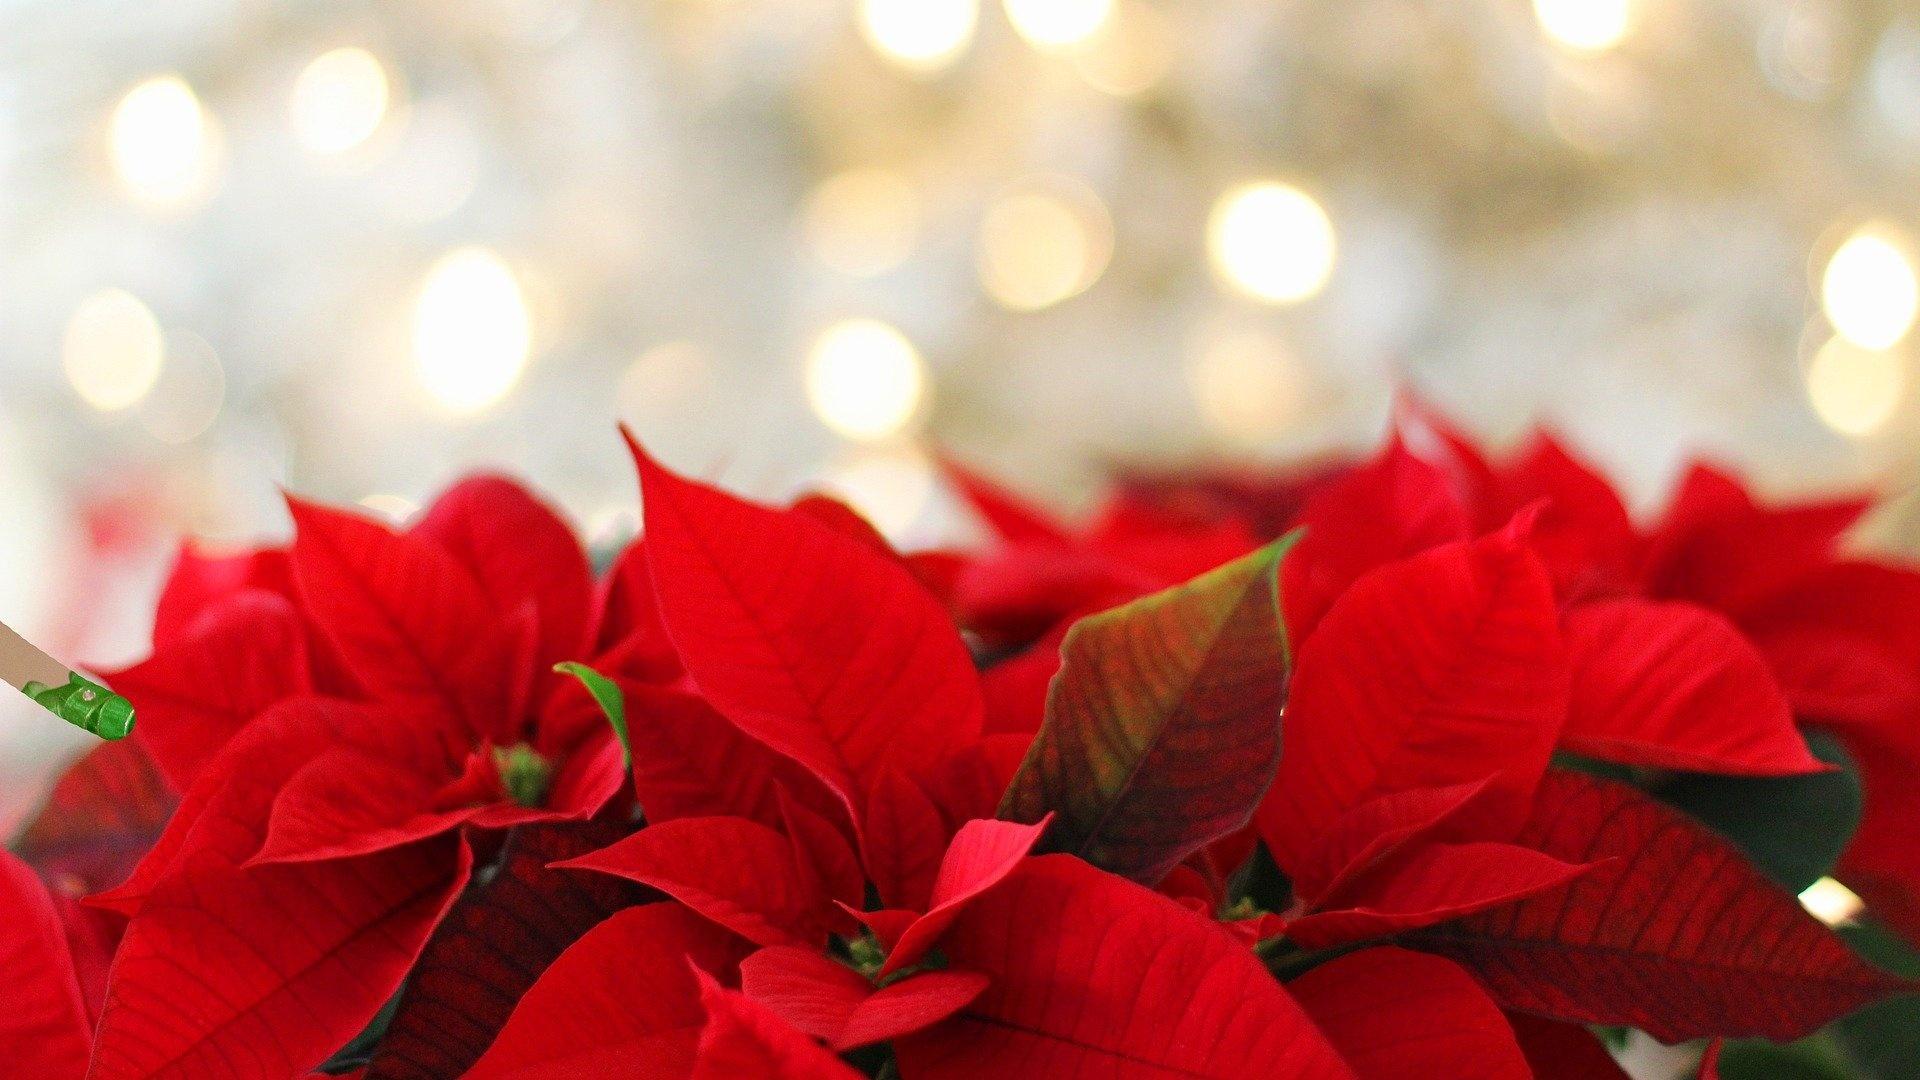 Weihnachtsstern verliert Blätter - mit diesen Tipps retten Sie ihn